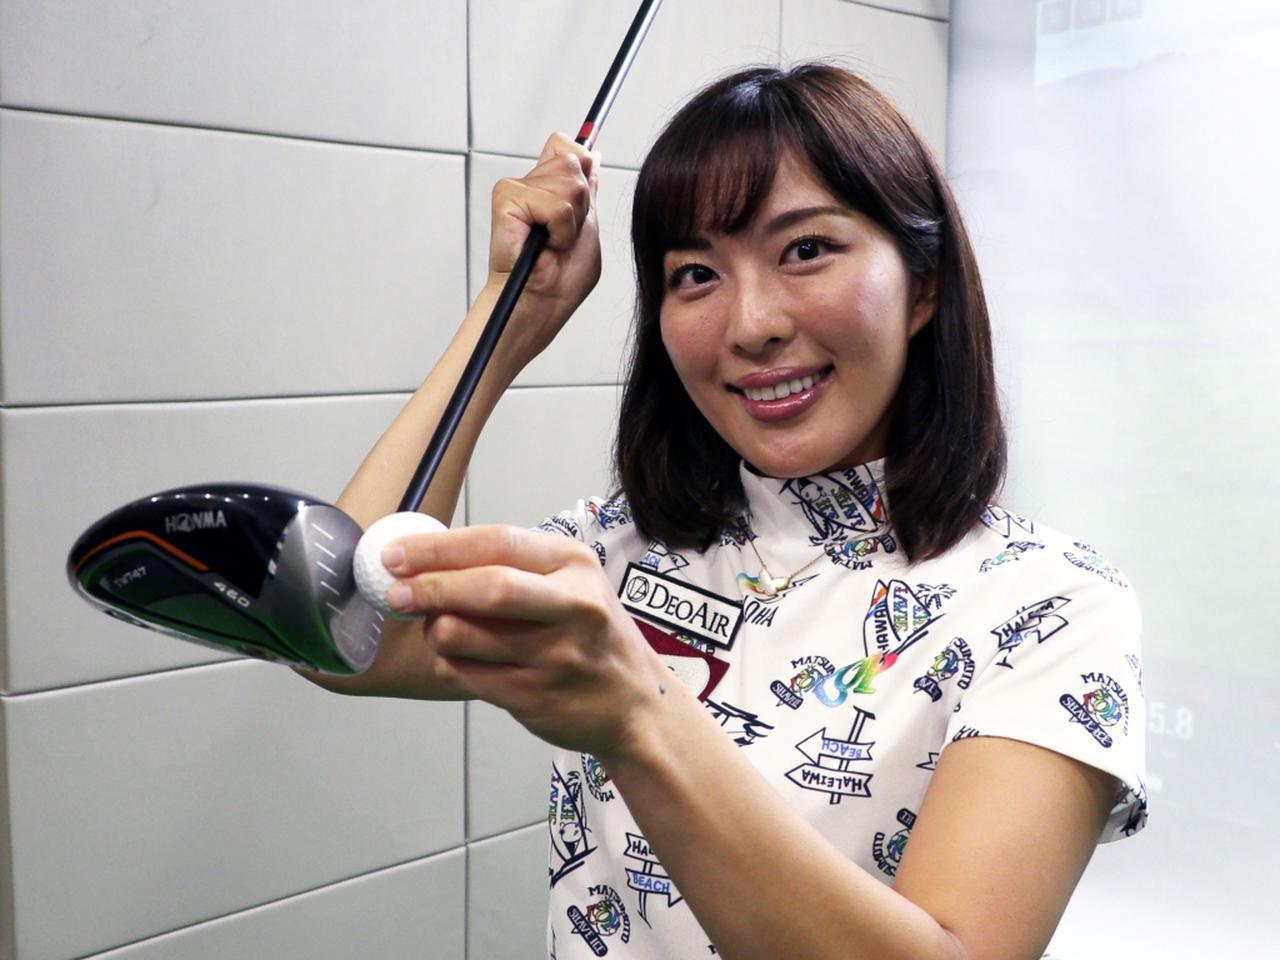 画像: 小澤にフェースローテーションを正しく行うコツを教えてもらおう